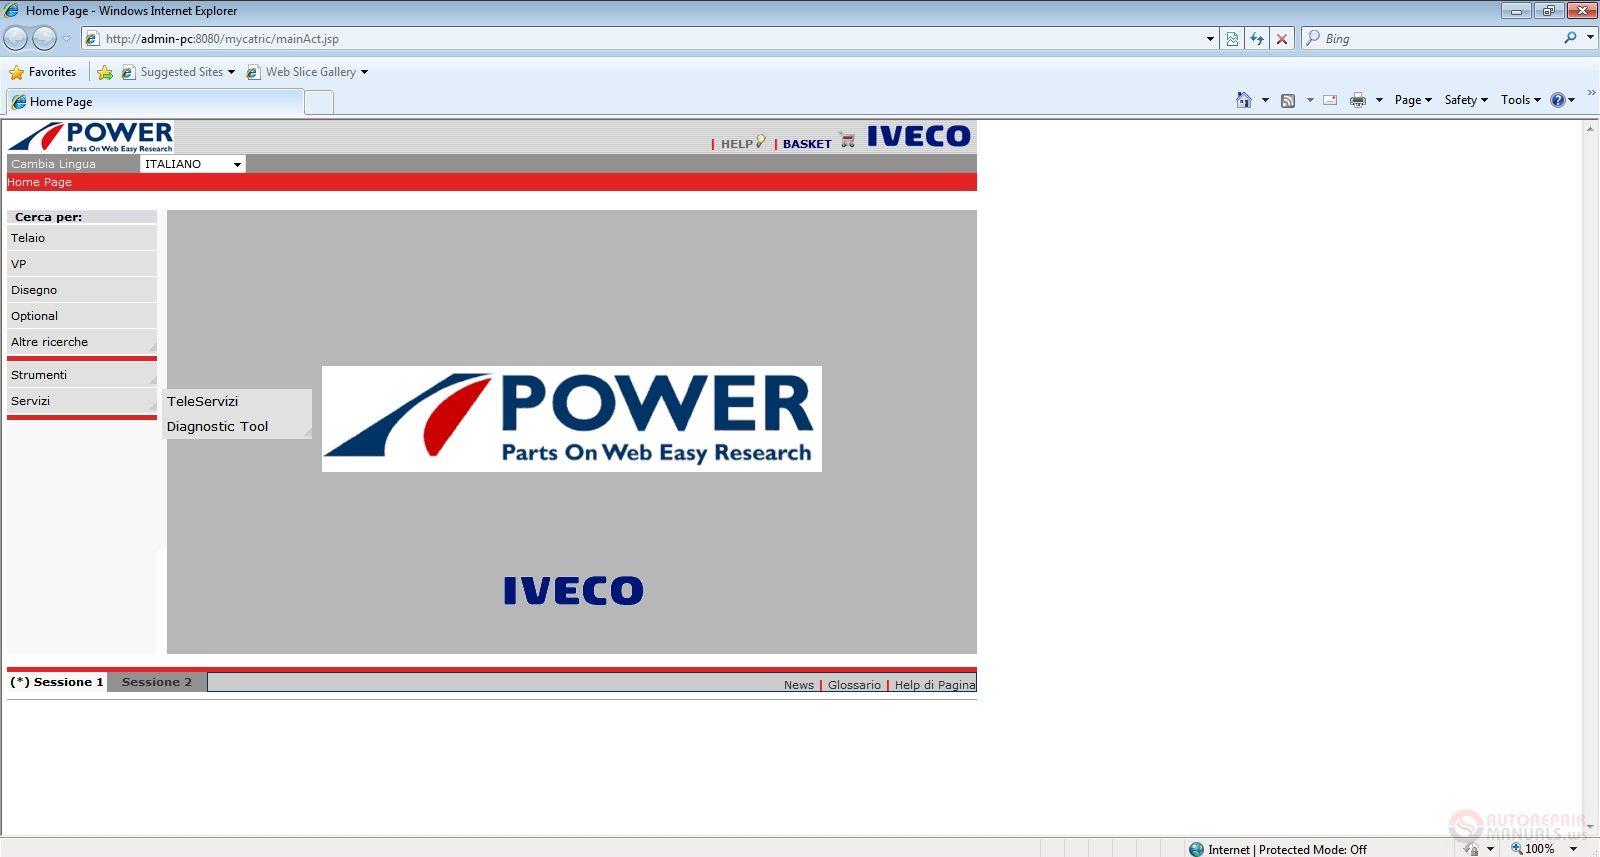 Iveco_Power_Trucks_Buses_012019_Full_Instruction_2